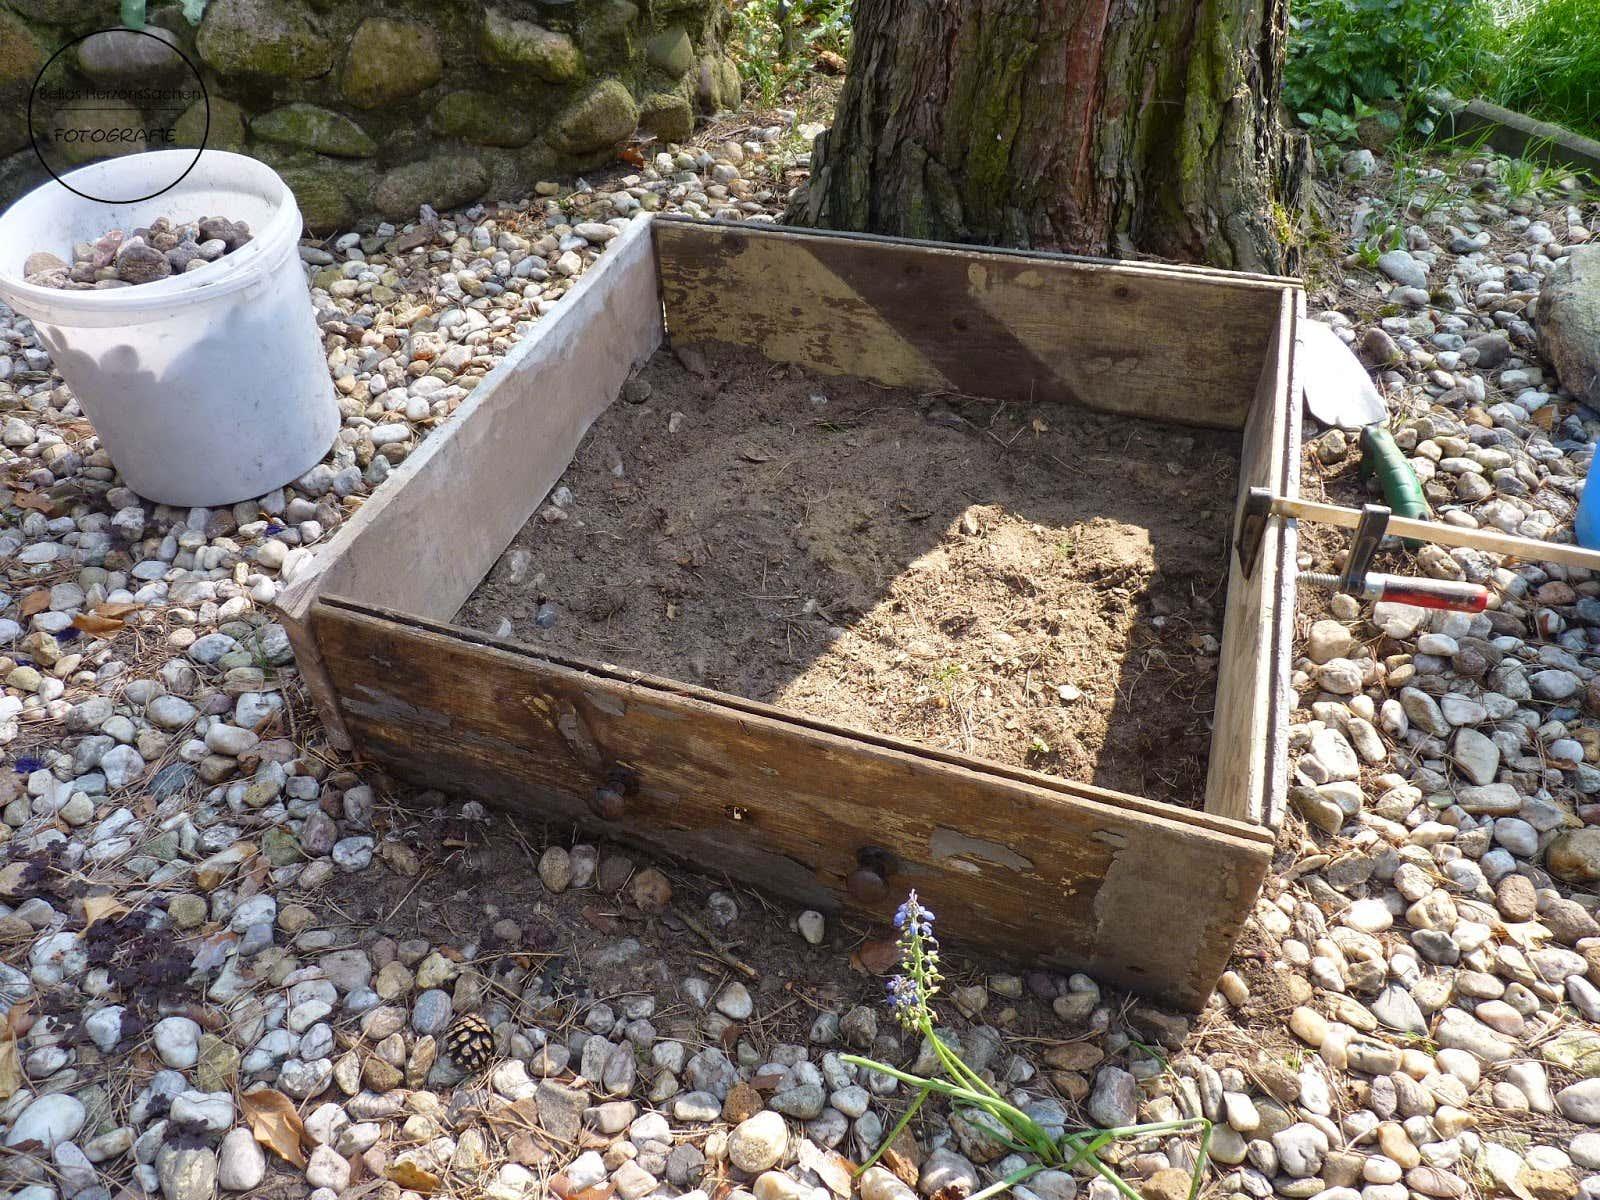 Die Kiste ist fertig, jetzt fehlen nur noch die Pflanzen.